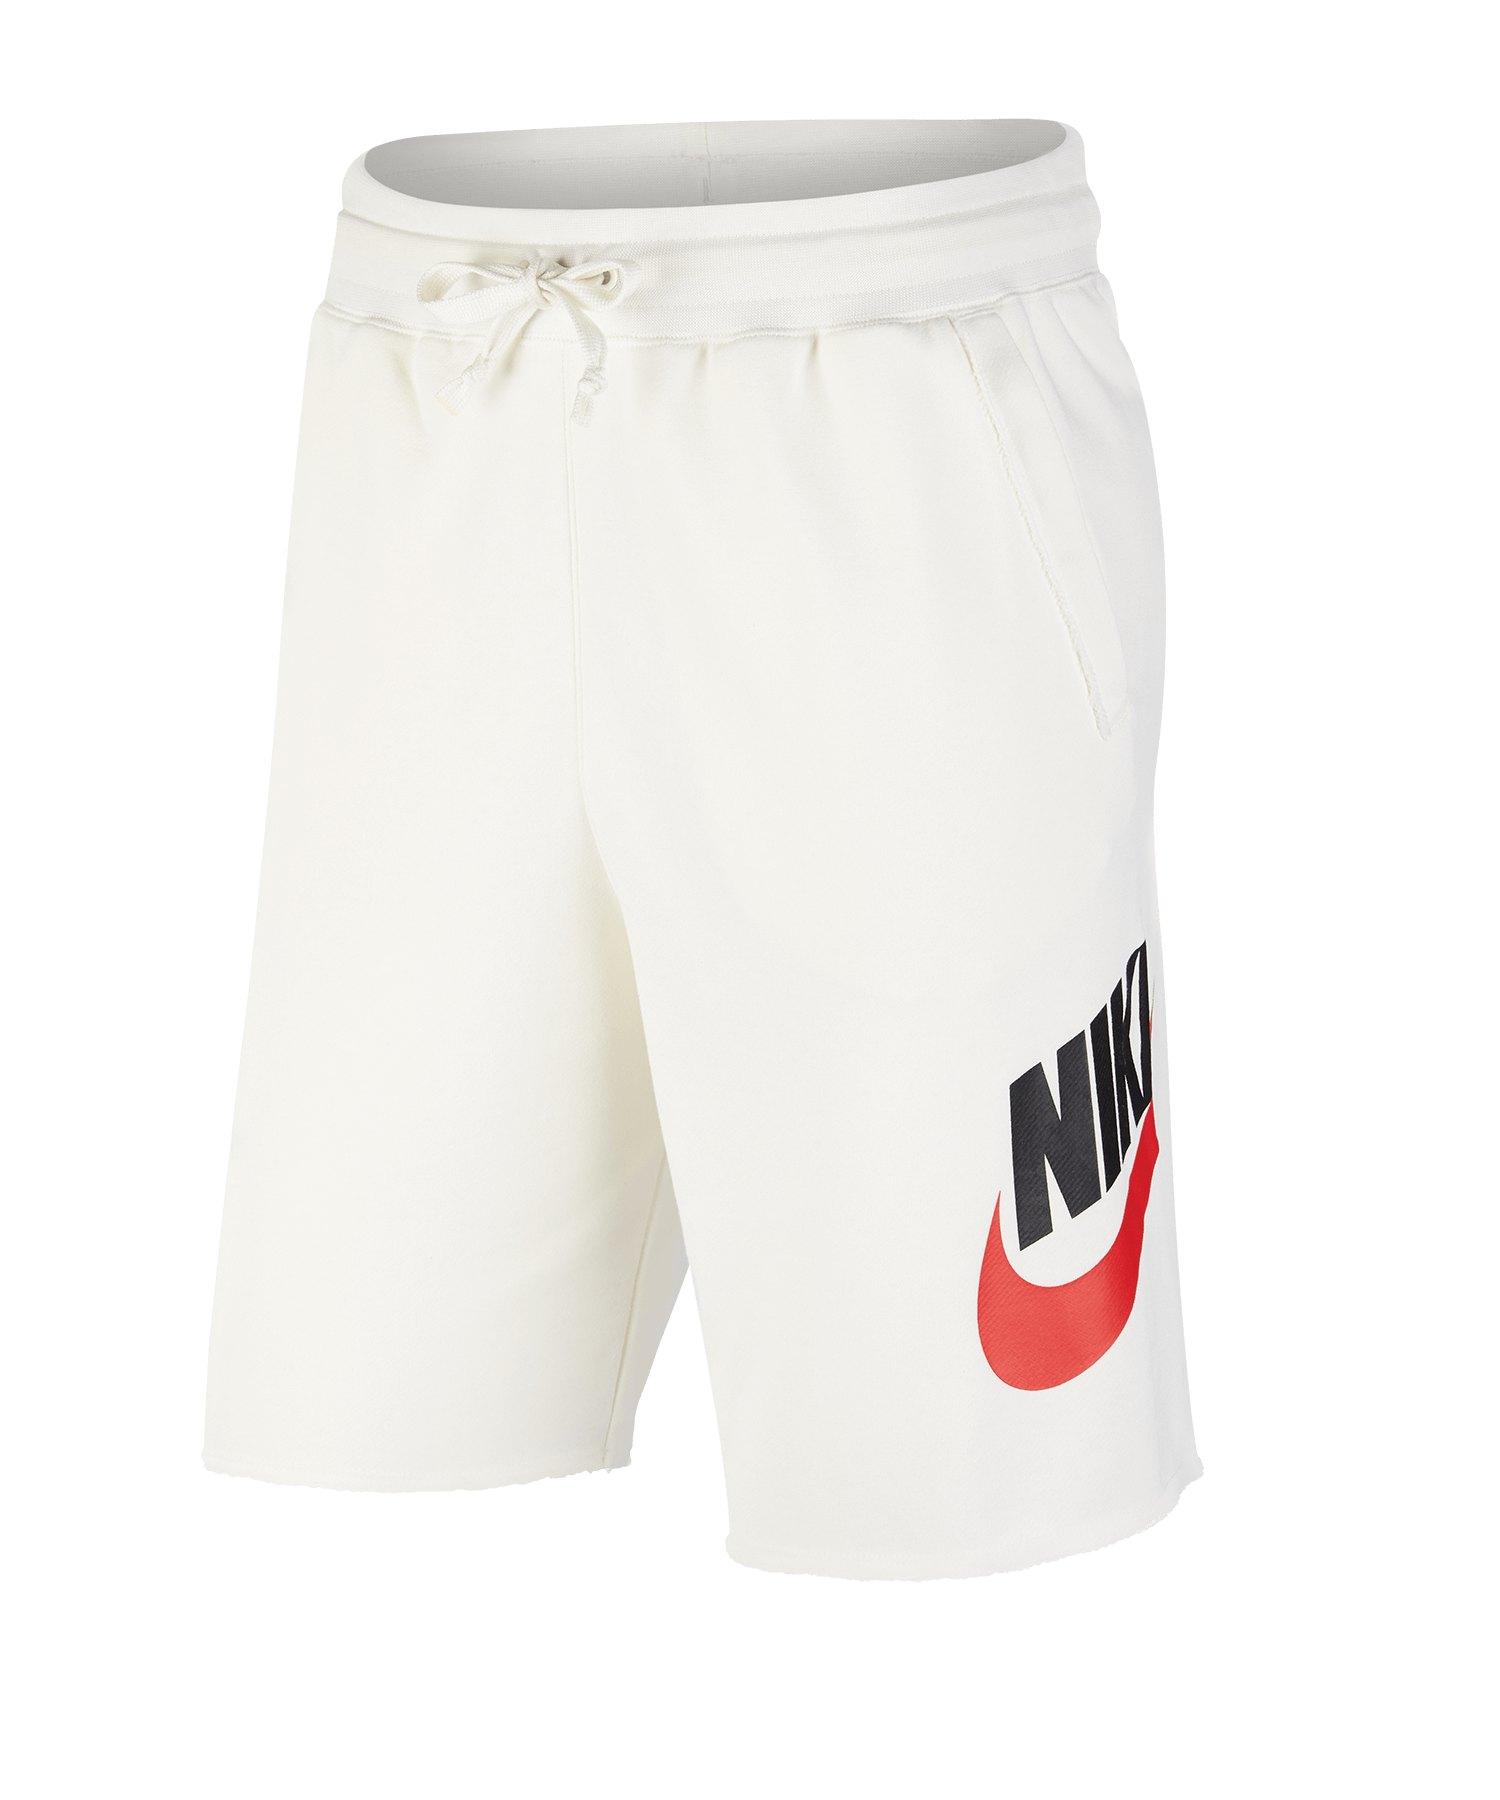 Nike Sportswear Alumni Short Weiss F133 - weiss